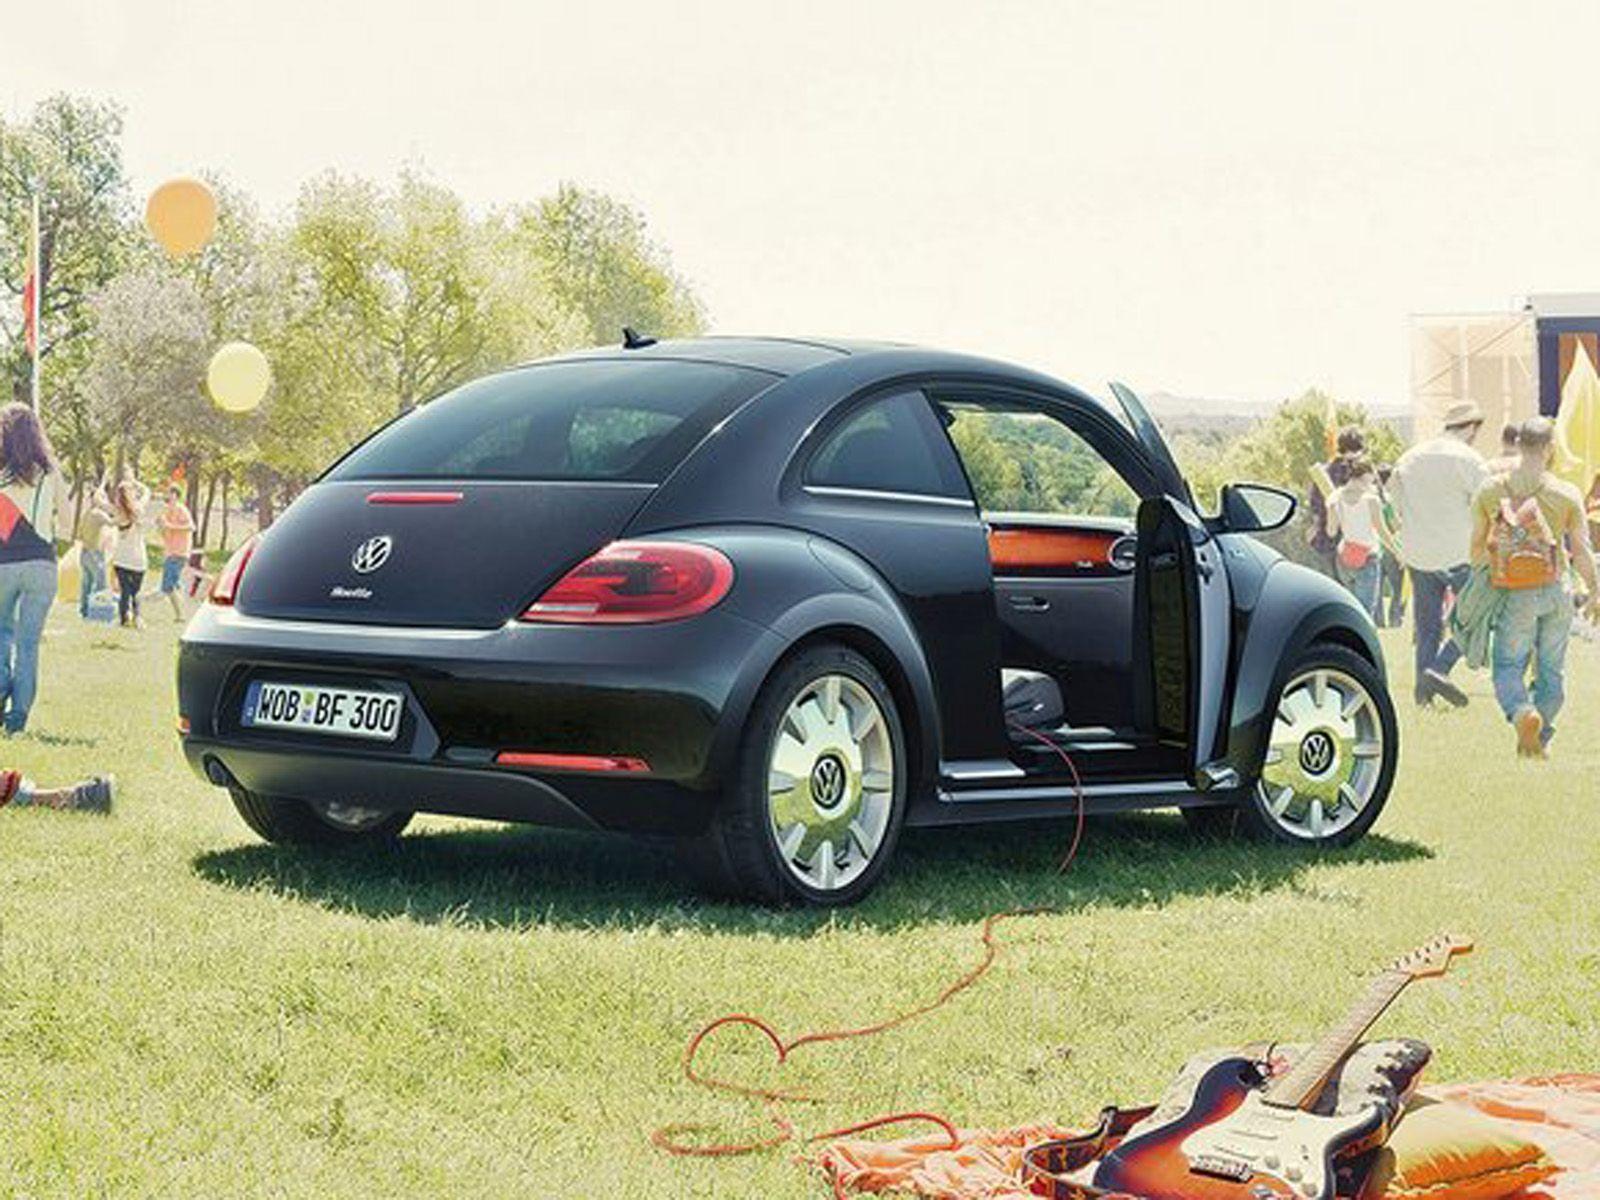 Images volkswagen coccinelle fender volkswagen coccinelle fender en - 2013 Volkswagen Beetle Fender Edition Rear Angle Back Of Car